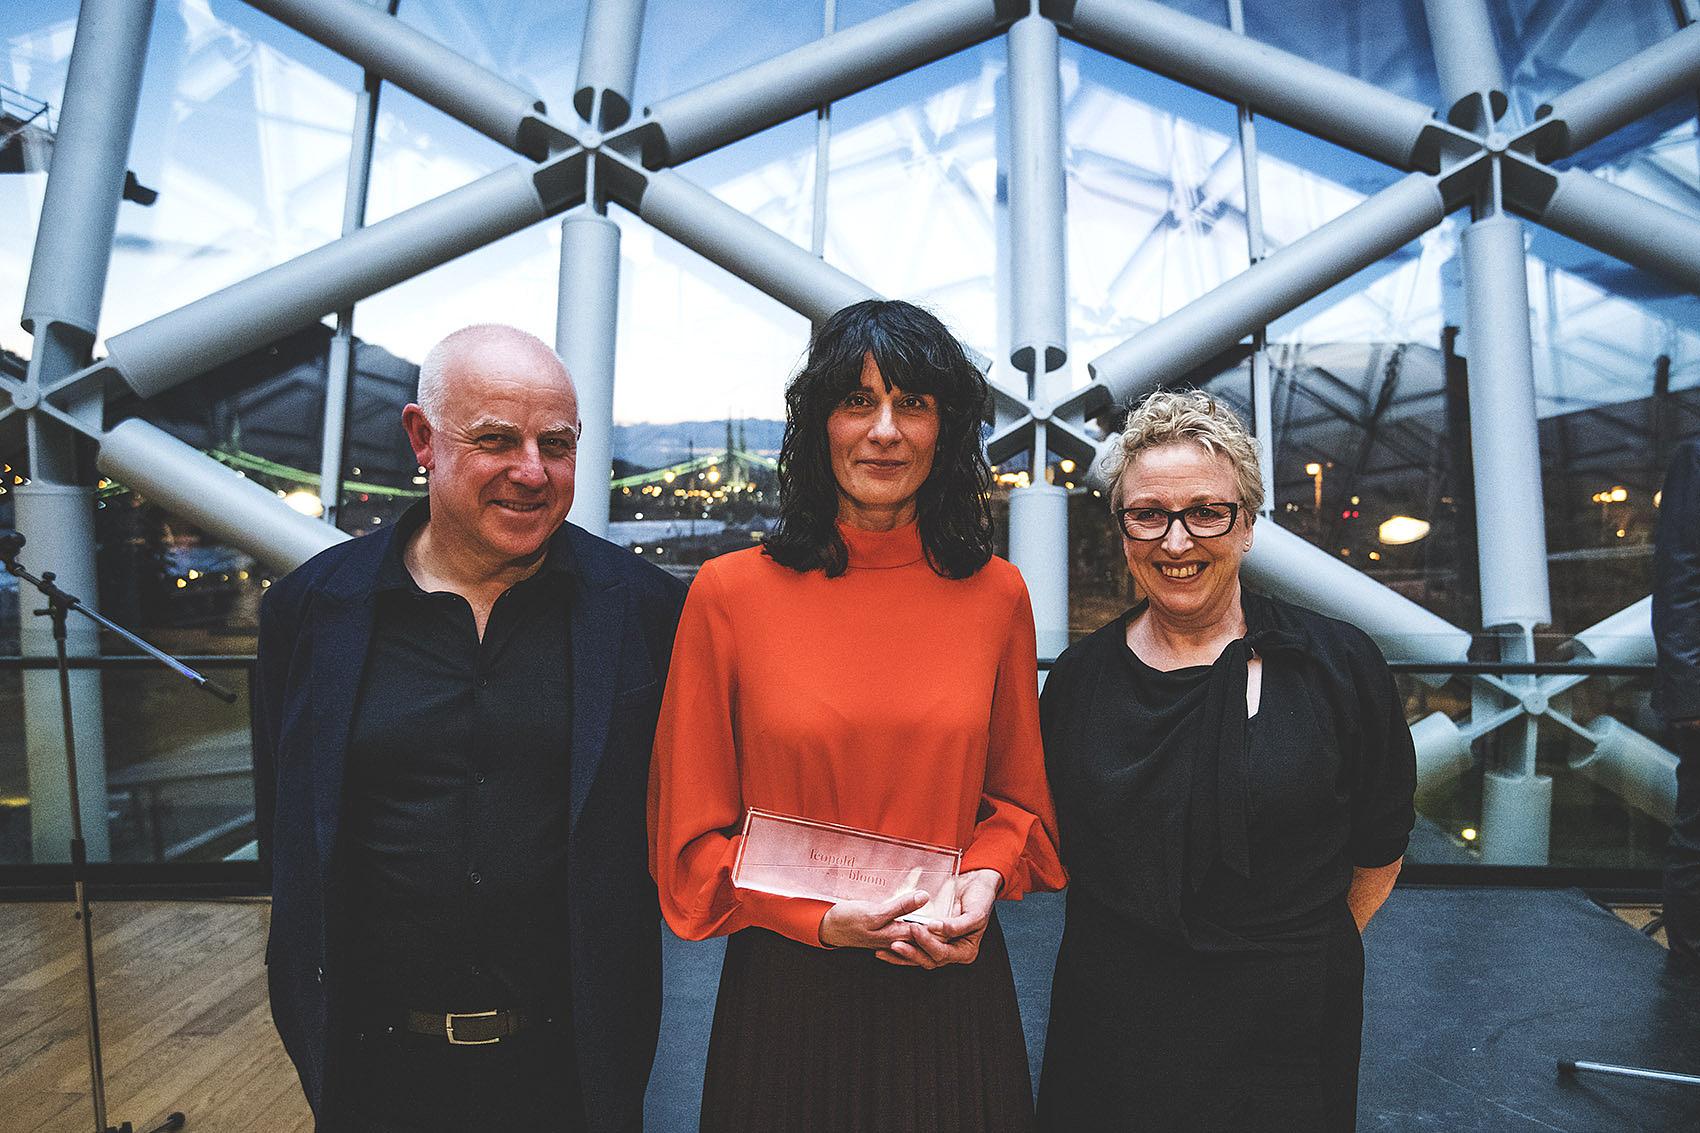 Zenével nyerték meg a képzőművészeti díjat